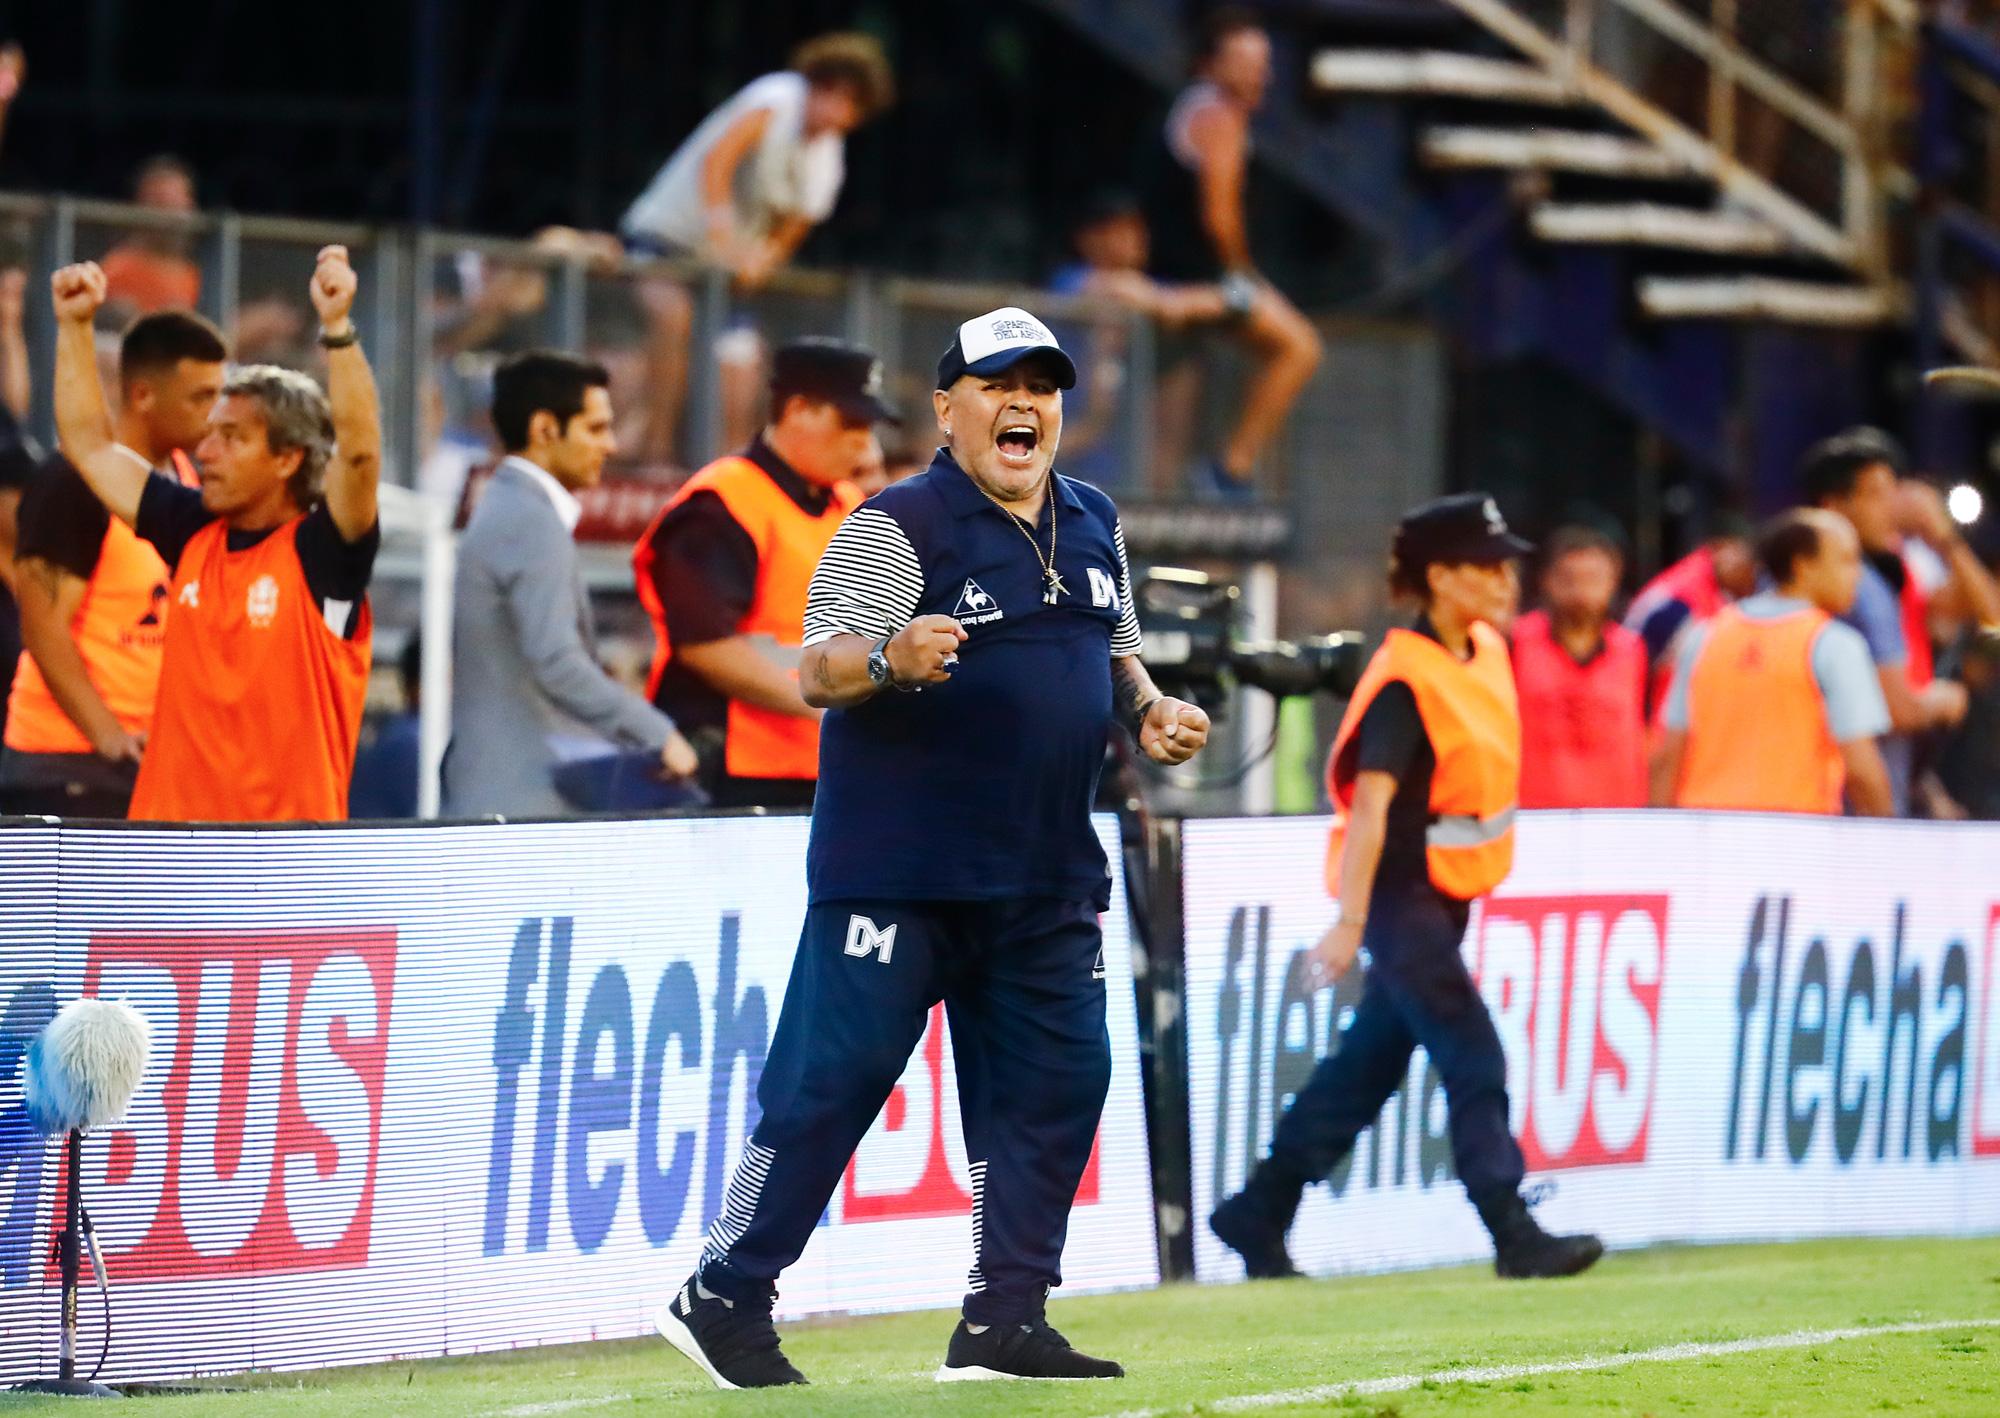 Cuộc đời Maradona qua ảnh: Đầy vinh quang nhưng cũng lắm tranh cãi - Ảnh 25.